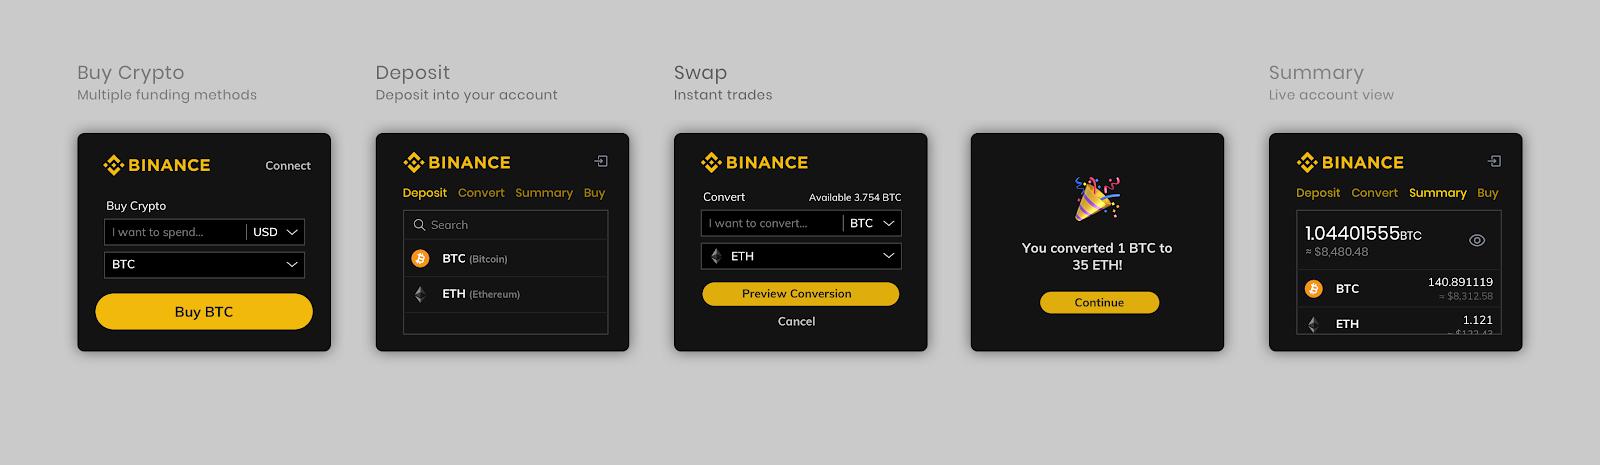 บราวเซอร์ Brave จับมือ Binance สร้าง Widget ซื้อขายคริปโตผ่านบราวเซอร์โดยตรง